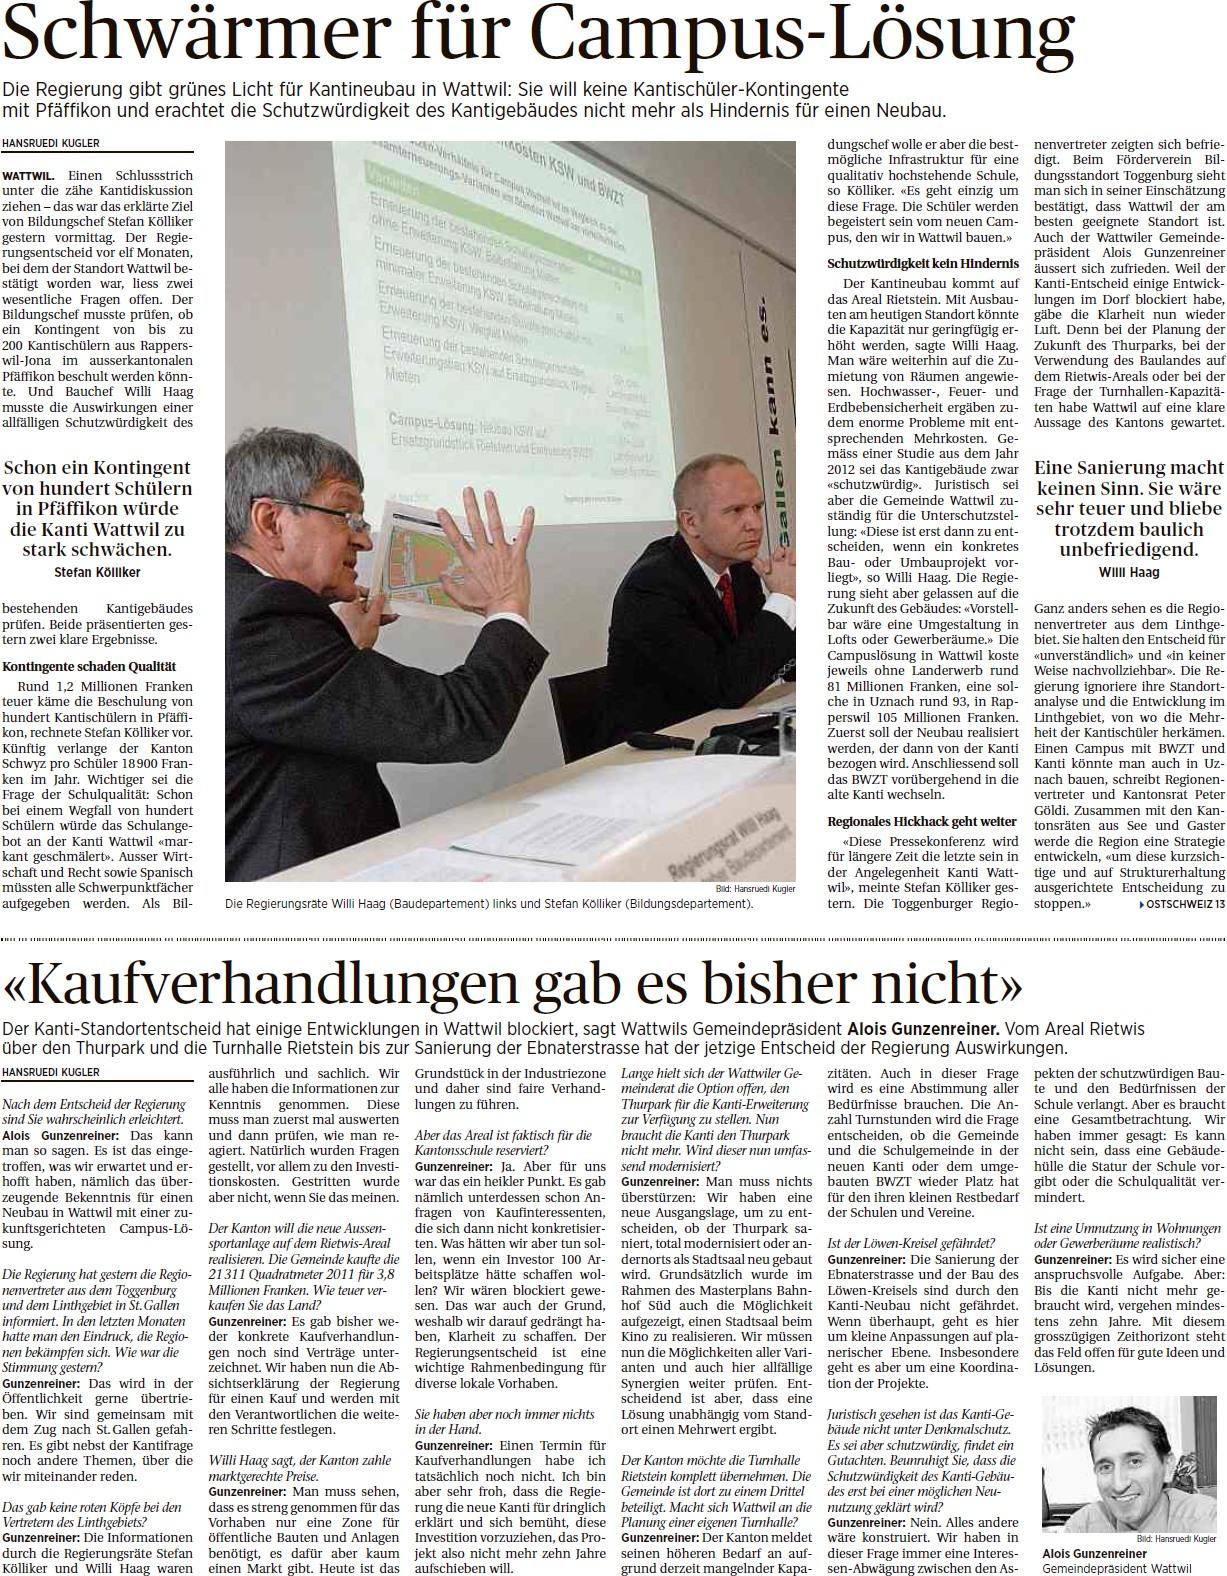 Schwärmer für Campus-Lösung (Dienstag, 31.03.2015)